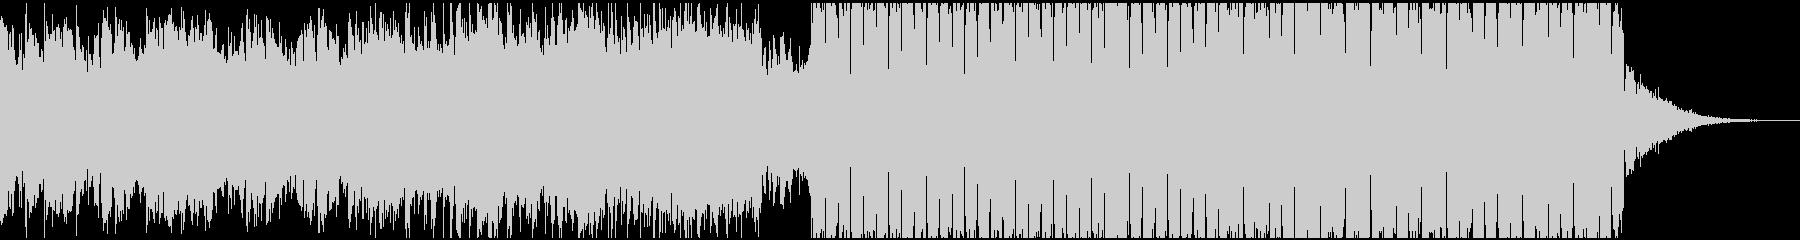 シンセのコードが特徴的な感動系EDMの未再生の波形